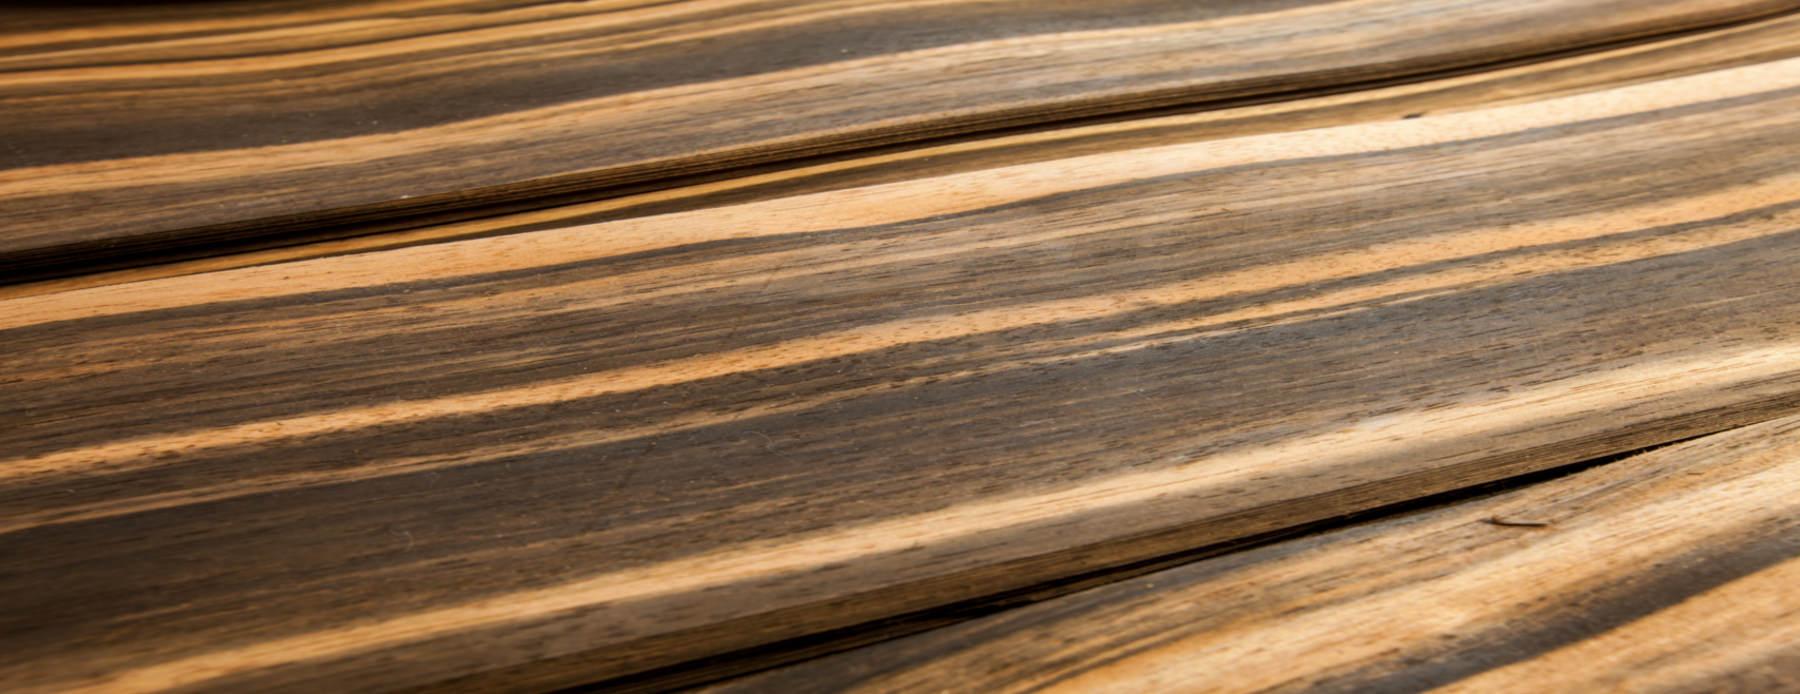 Wischer Gmbh Furniere Massivholz Startseite